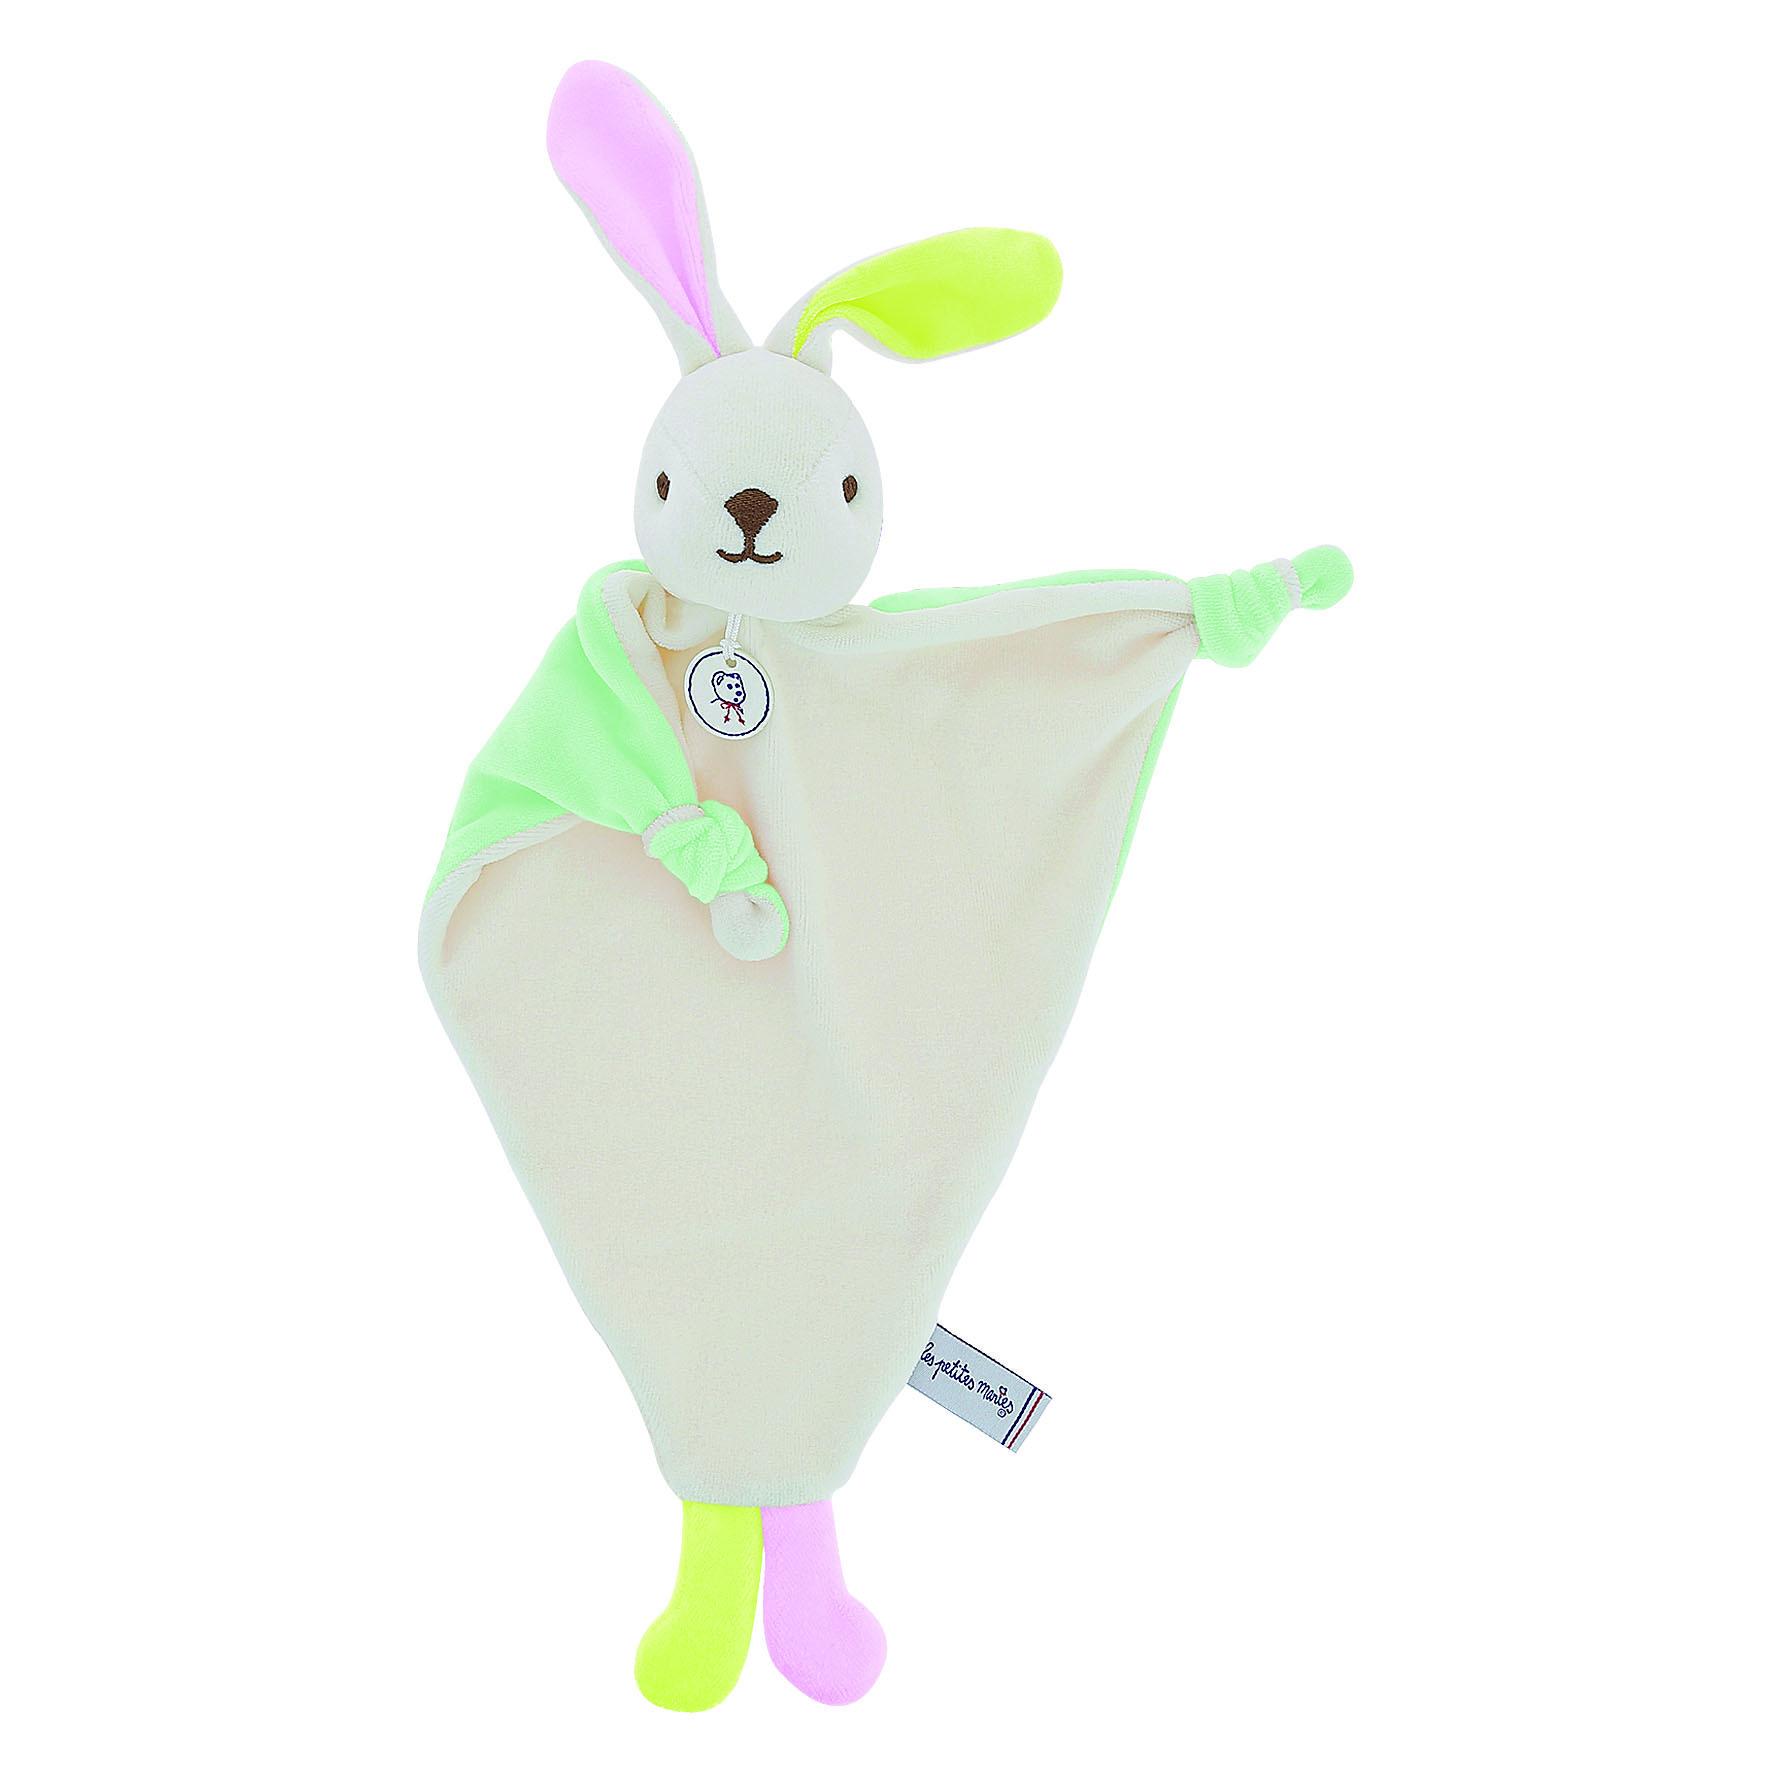 Doudou lapin Pitola, 27 cm - 22-1297-22